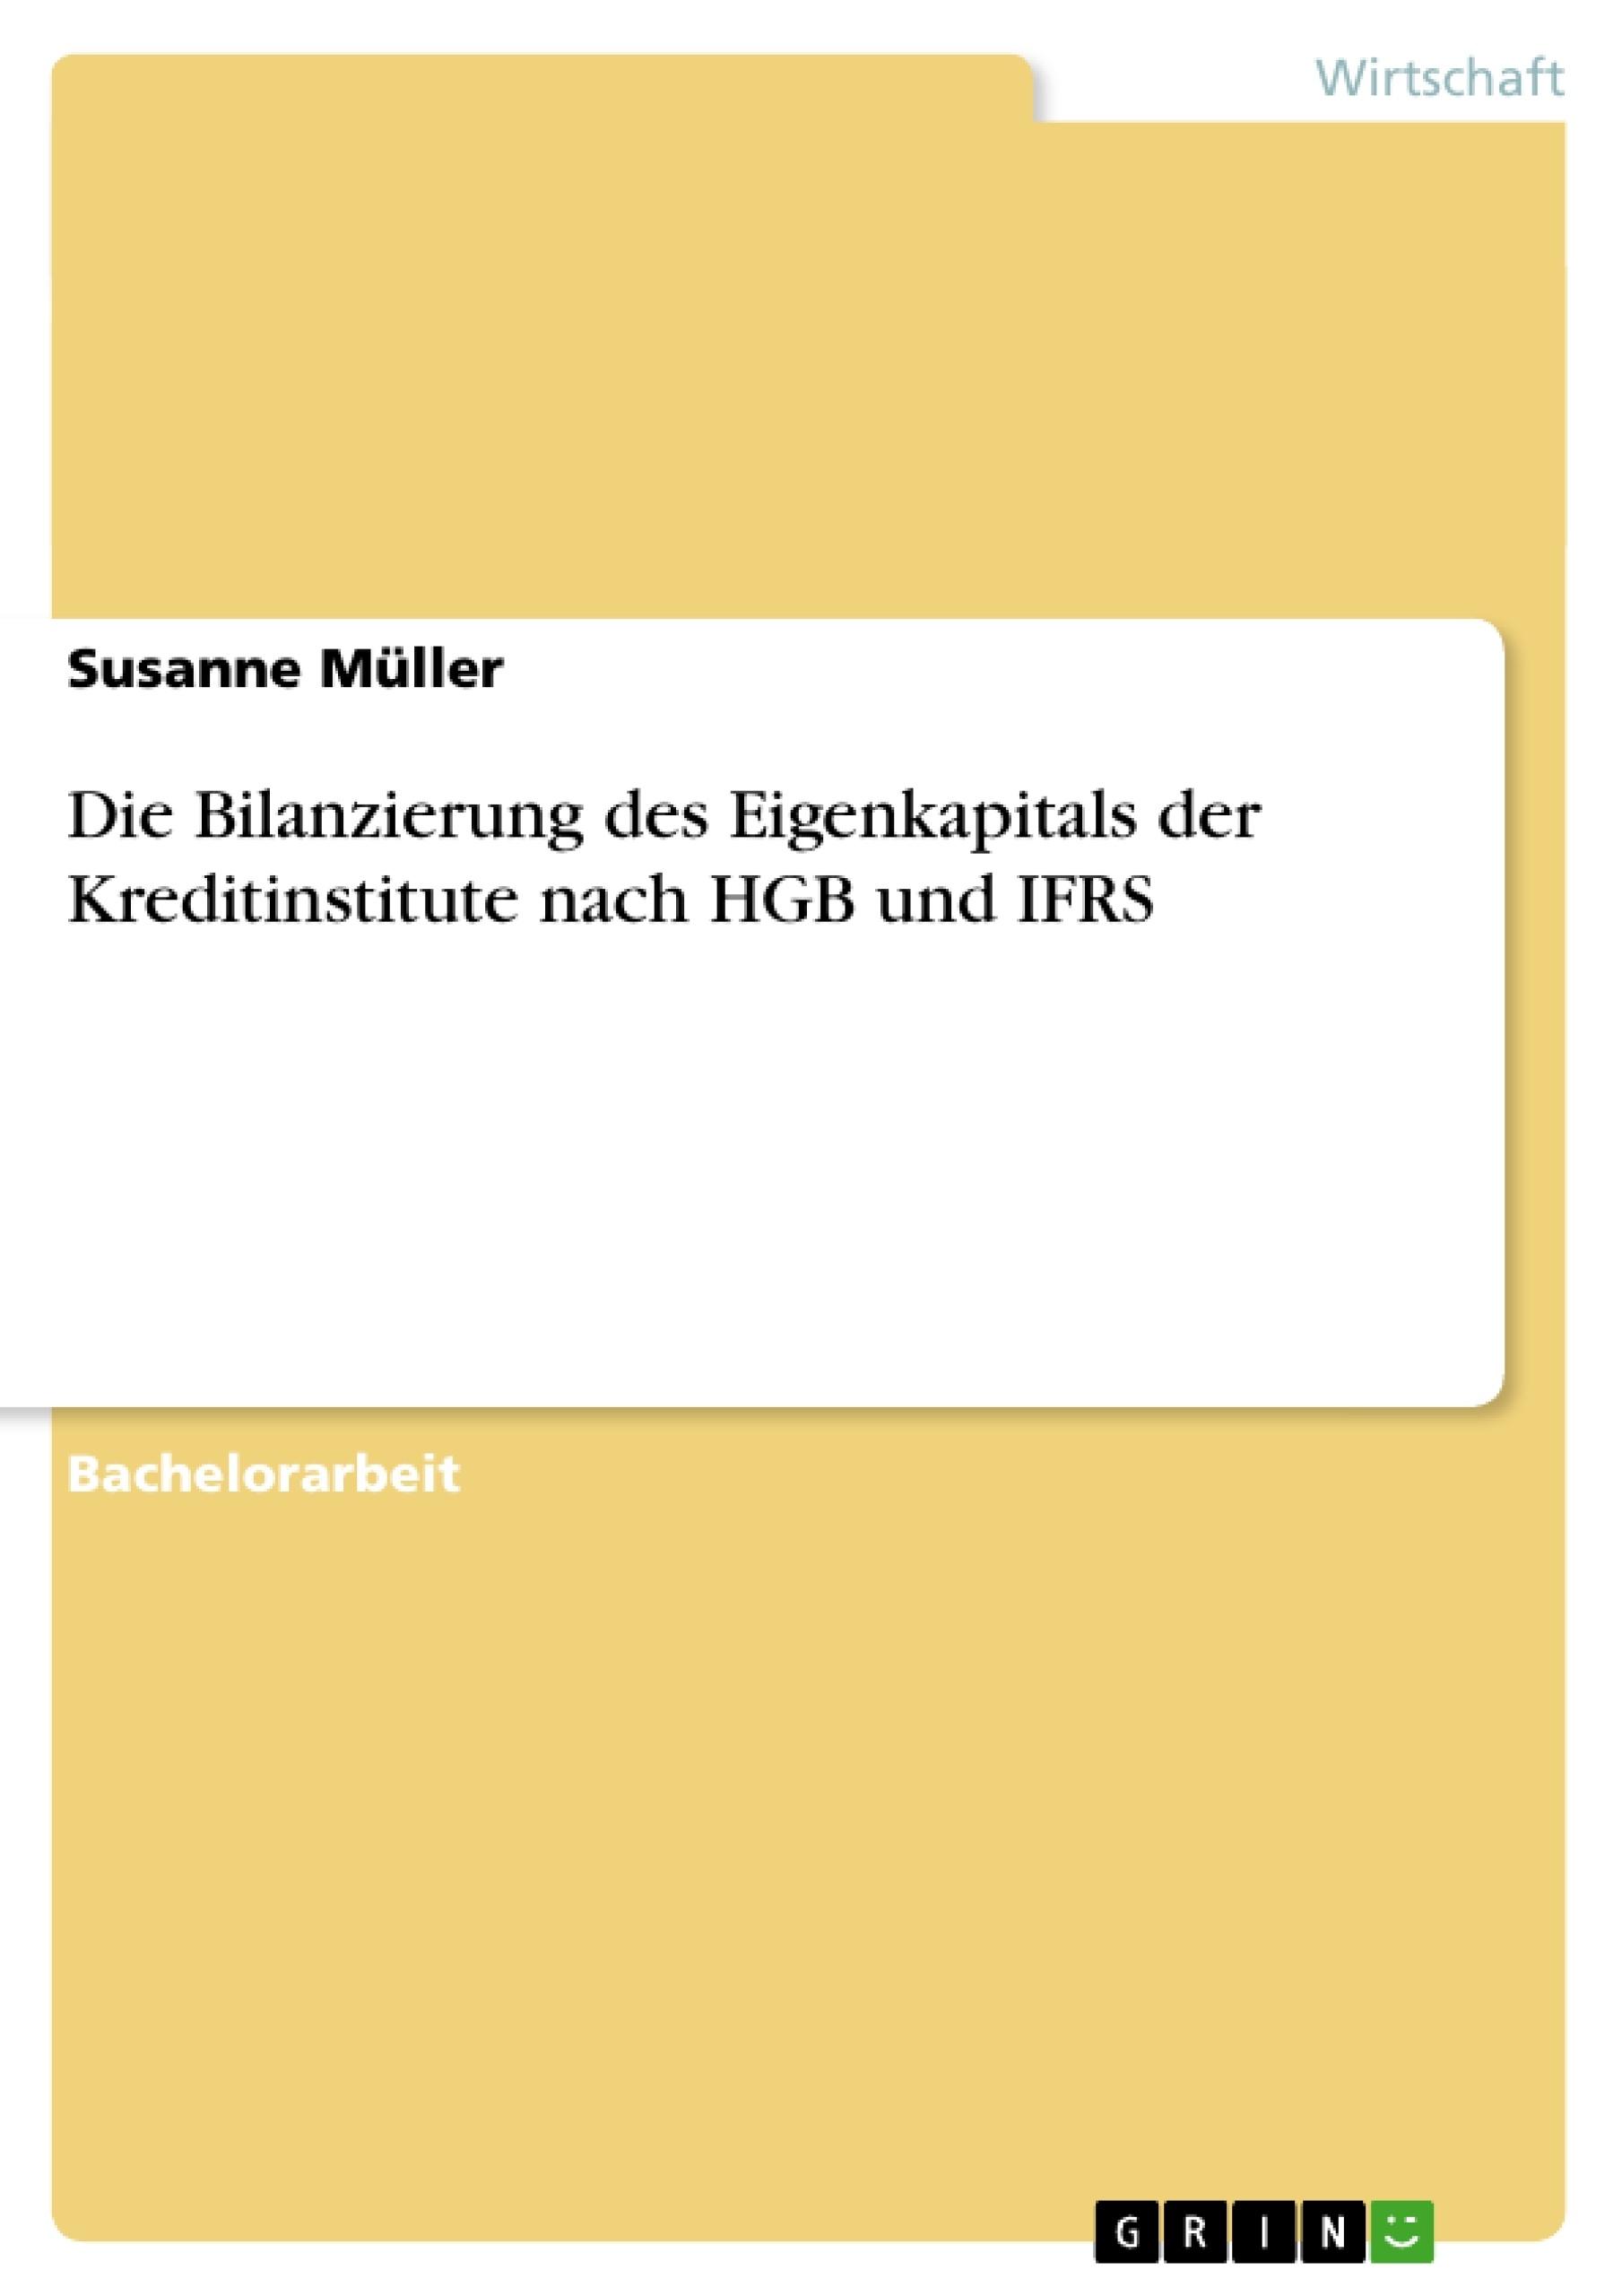 Titel: Die Bilanzierung des Eigenkapitals der Kreditinstitute nach HGB und IFRS